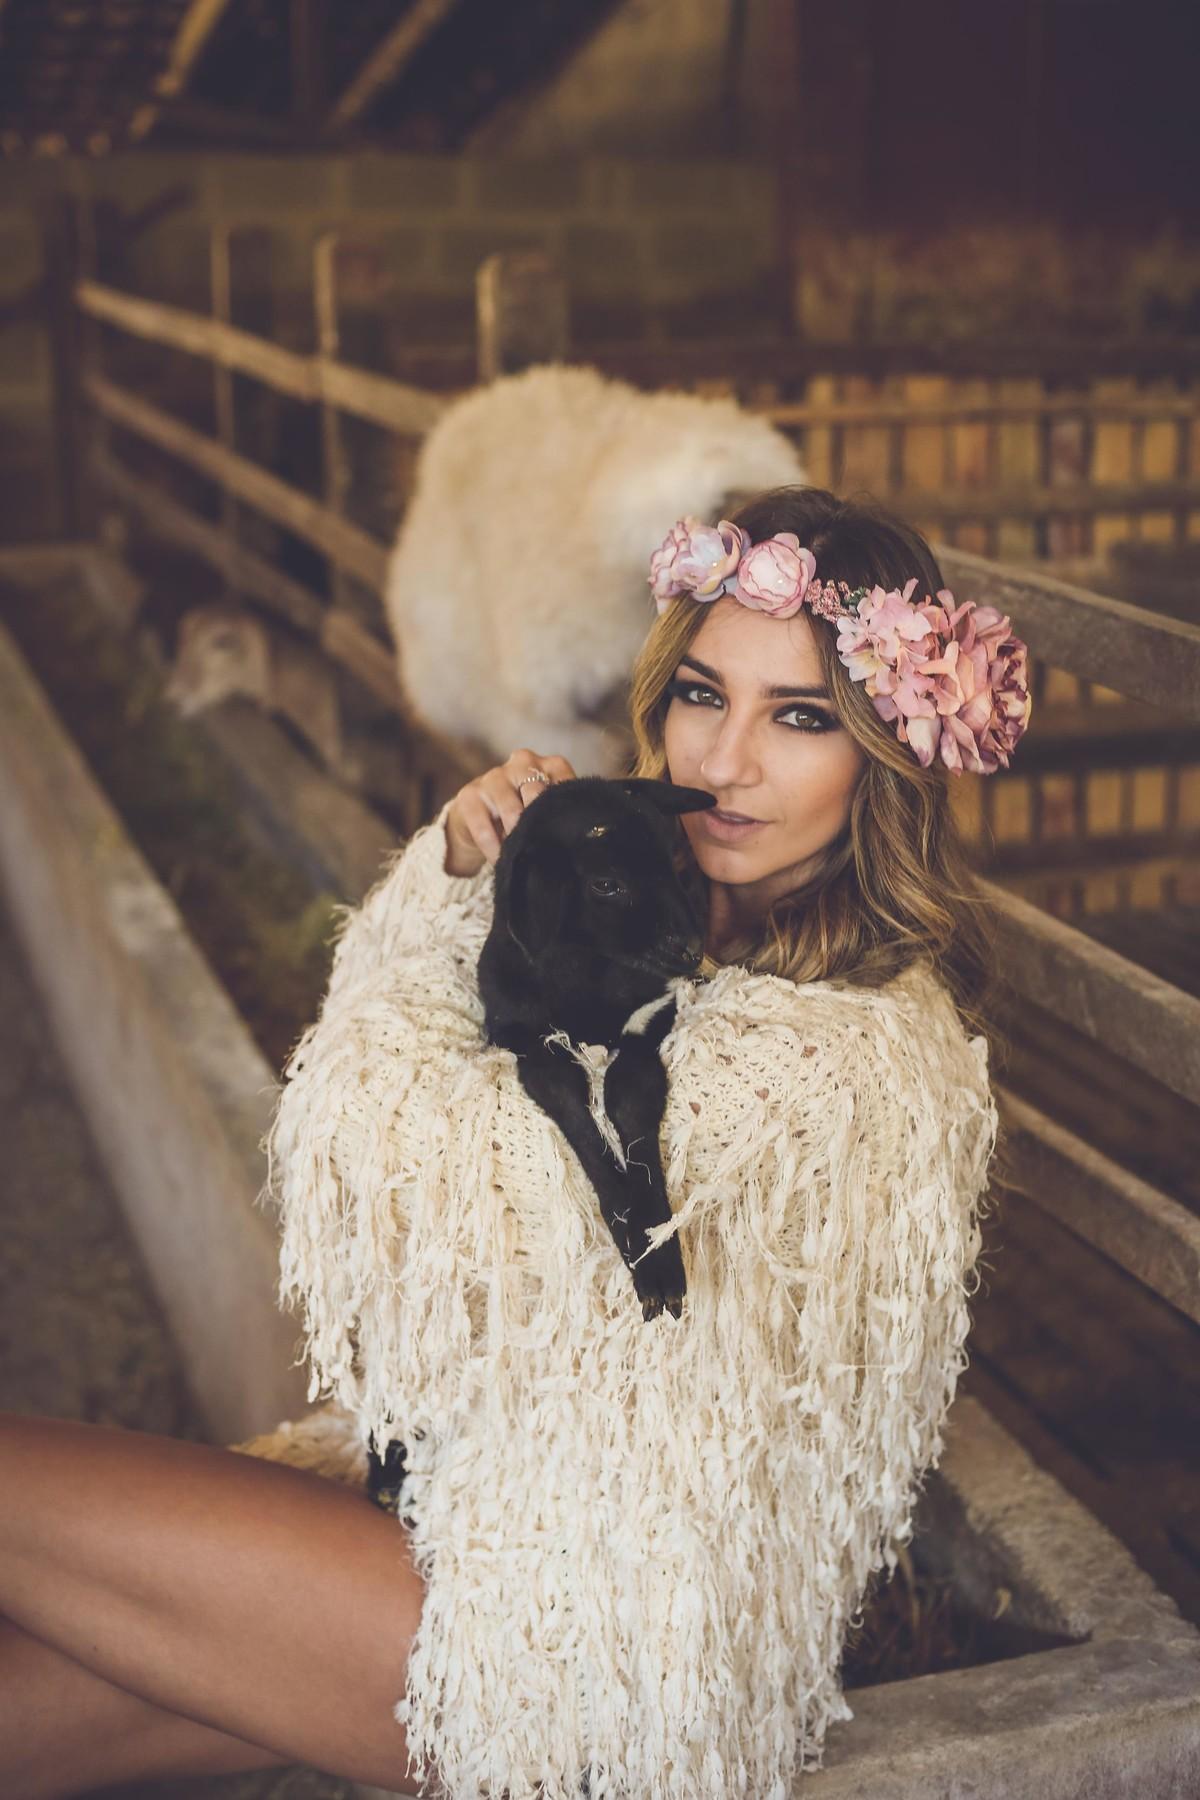 Editorial miss girassol vitoria country vale moxuara caricica fotos boho chic fotos loja